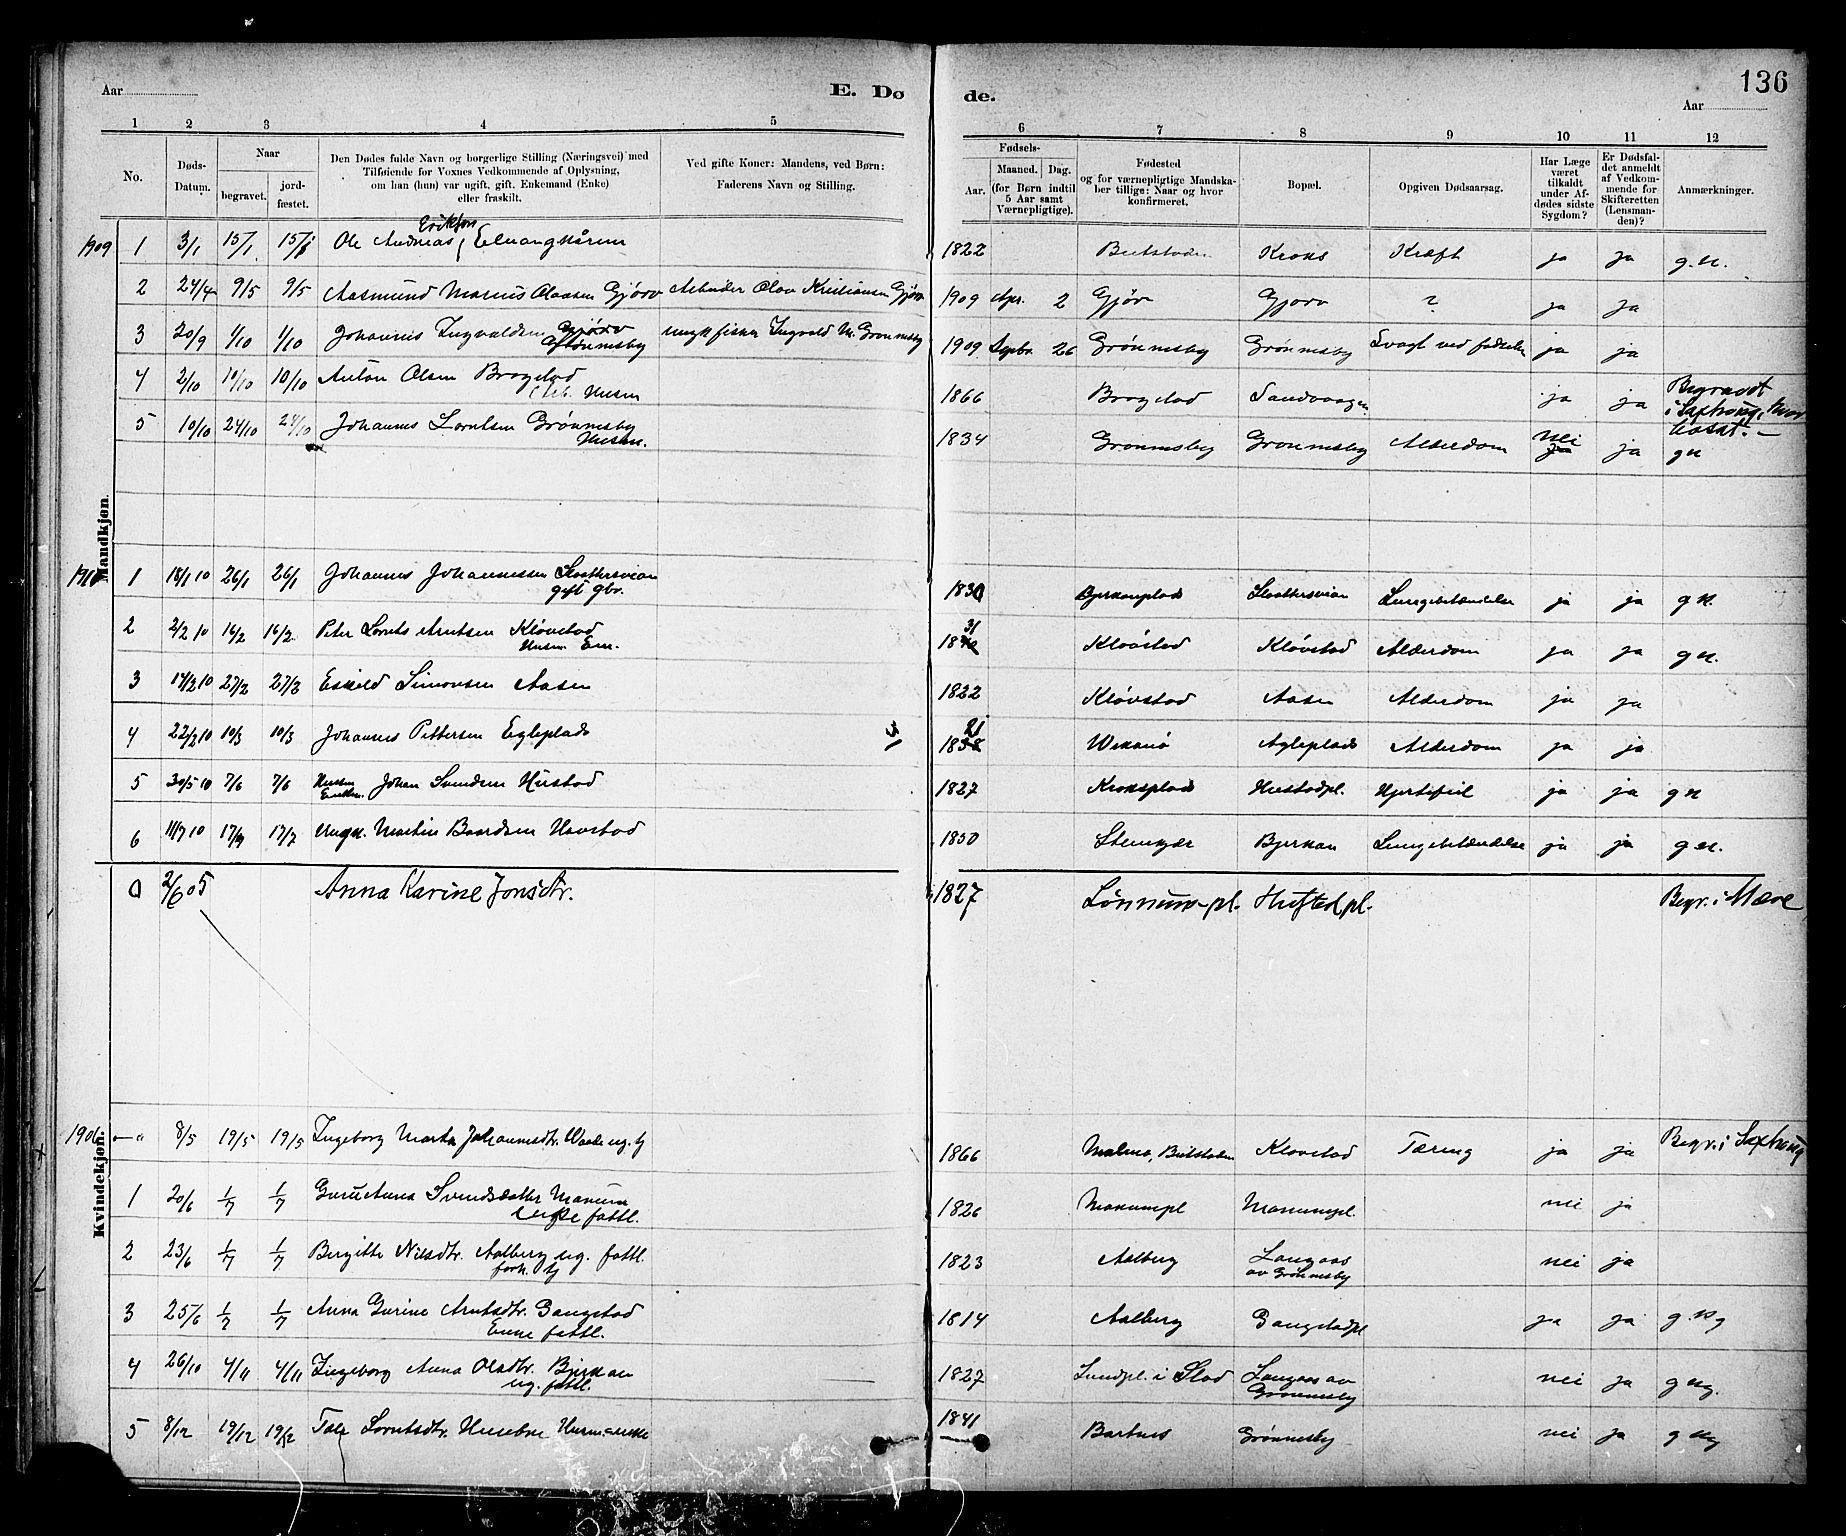 SAT, Ministerialprotokoller, klokkerbøker og fødselsregistre - Nord-Trøndelag, 732/L0318: Klokkerbok nr. 732C02, 1881-1911, s. 136